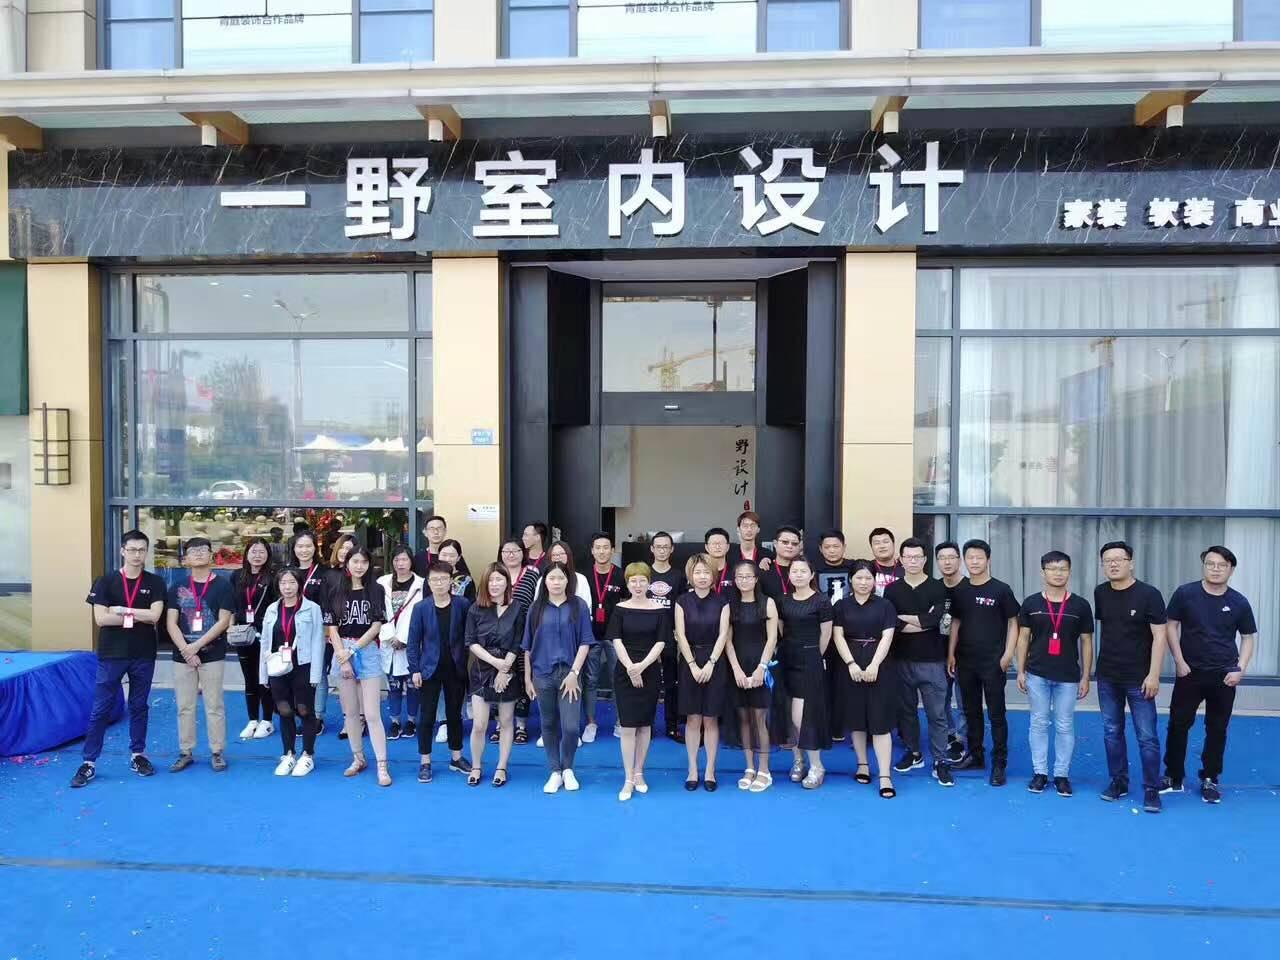 首席设计师周森,仇萍, 奚富生等为新店开业进行剪彩 ▽ 同时 一野设计图片